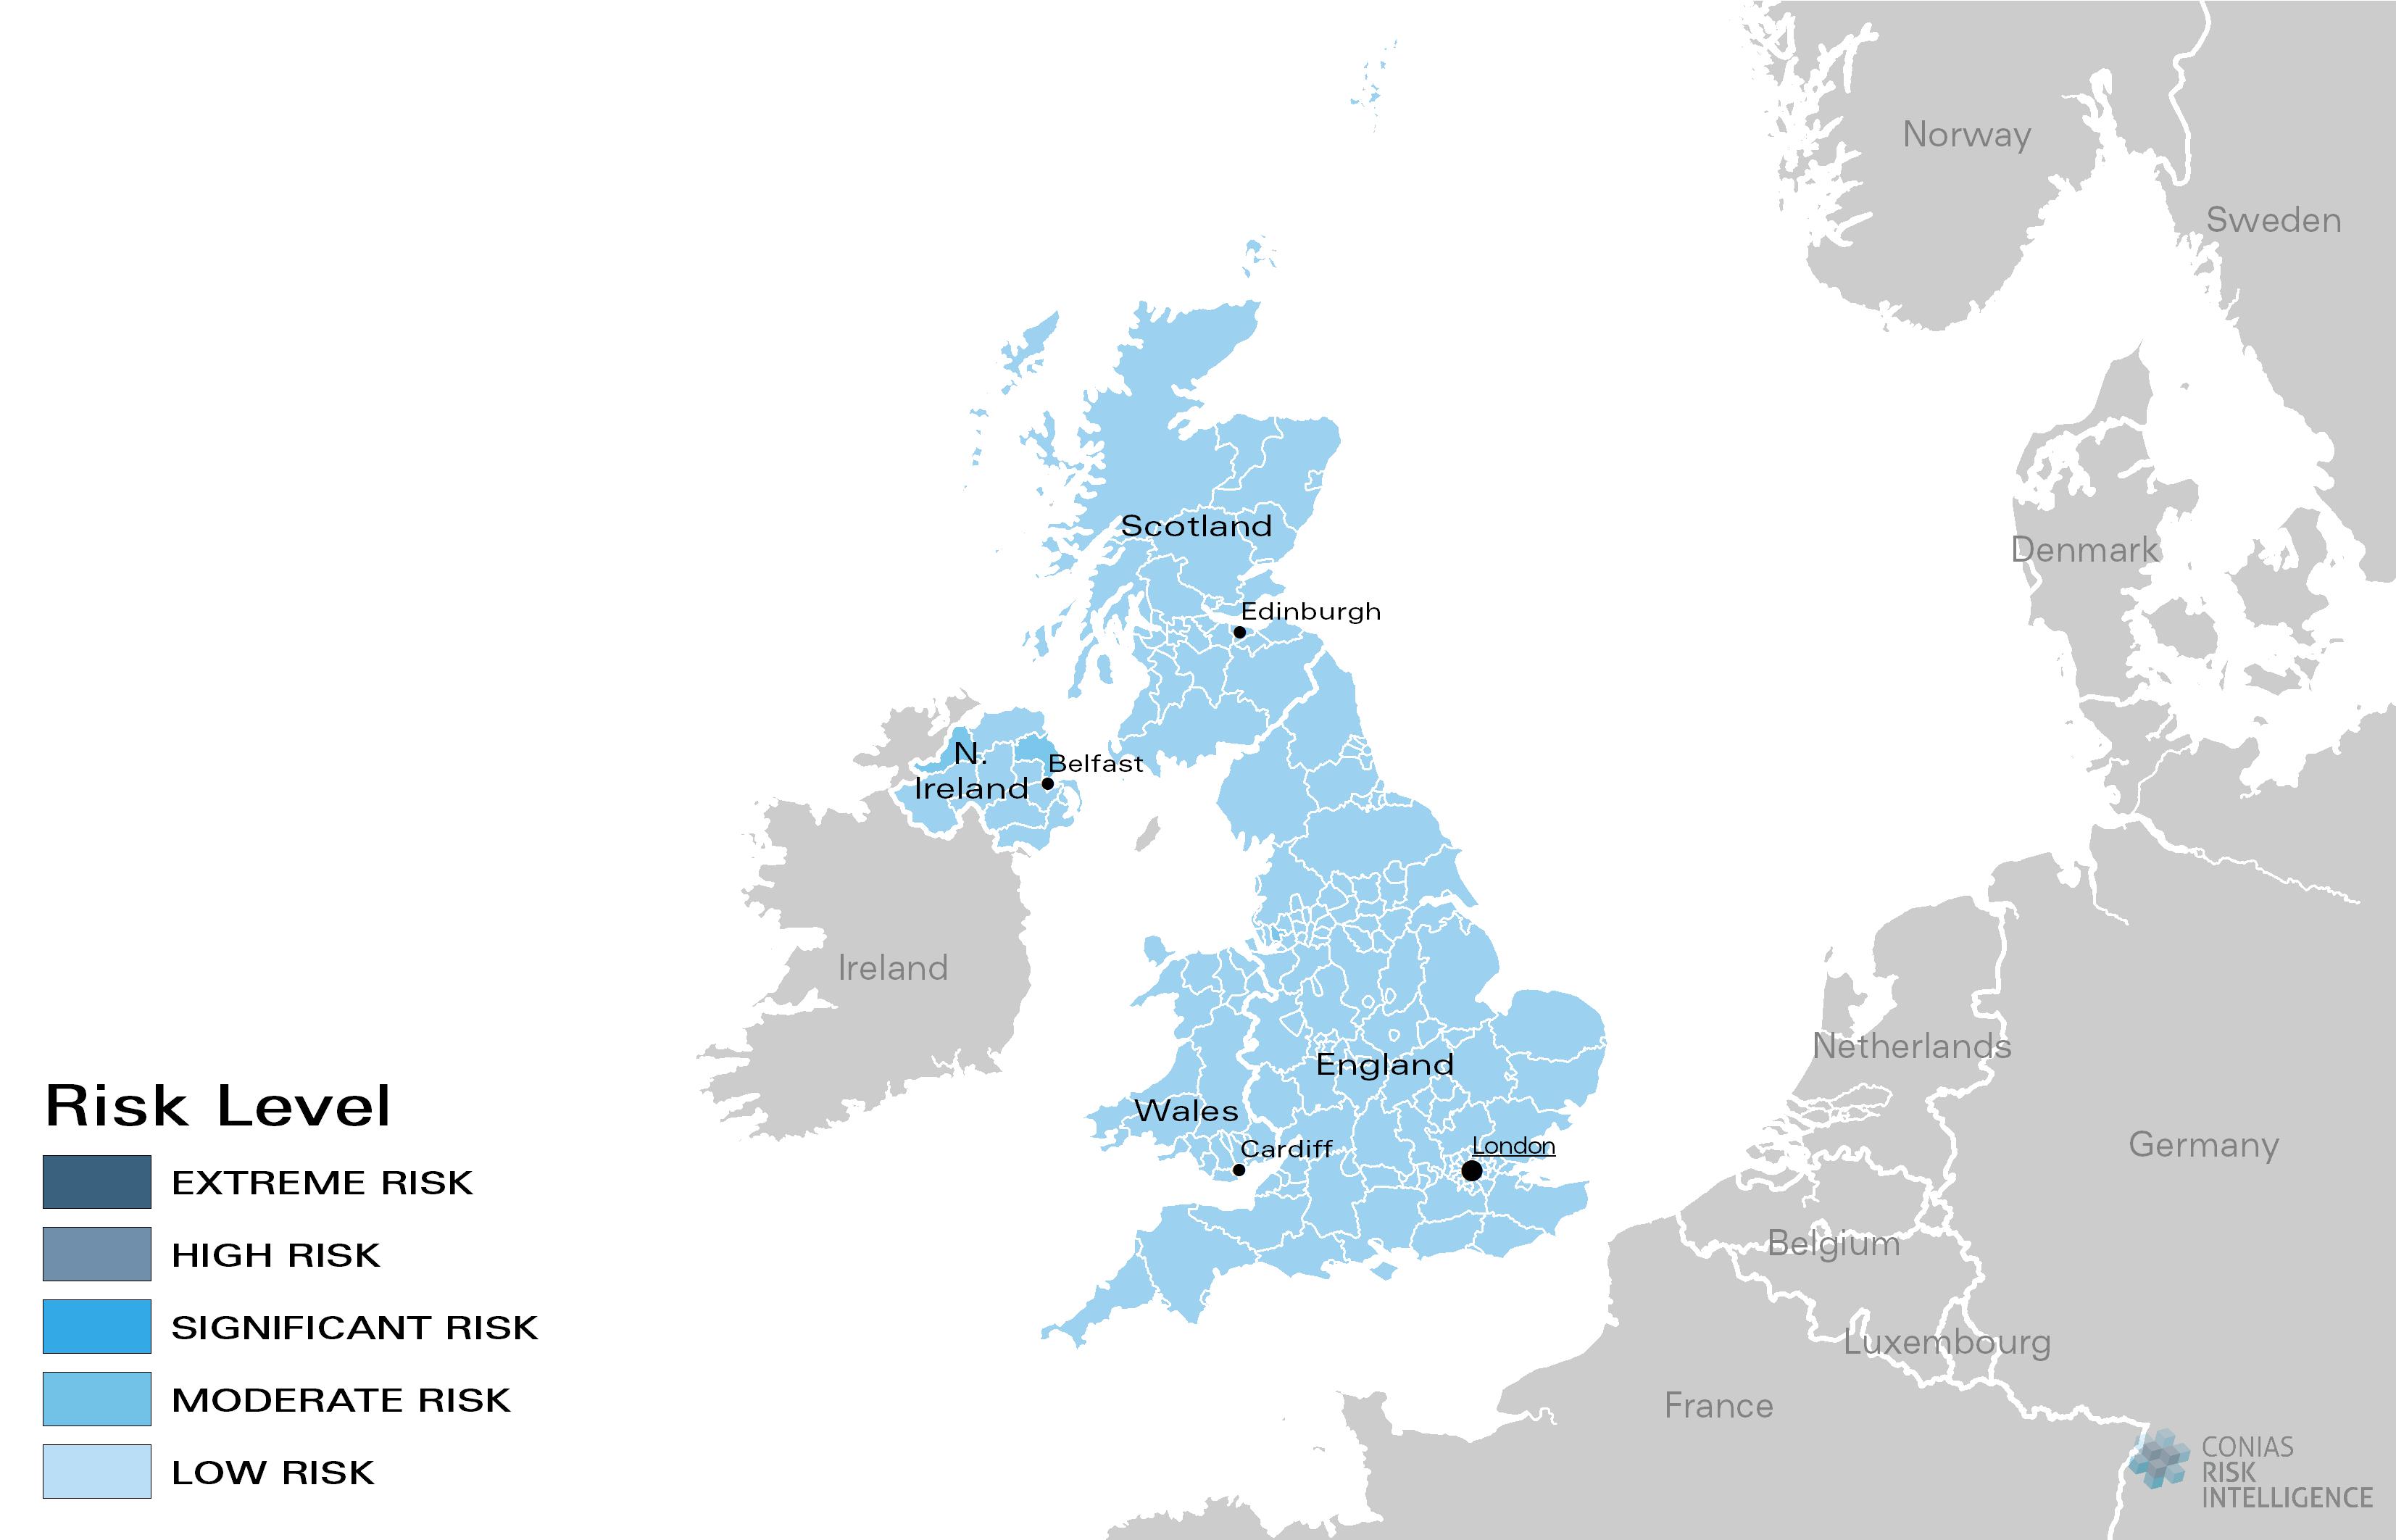 CONIAS Political Risk Maps Vereinigtes Königreich